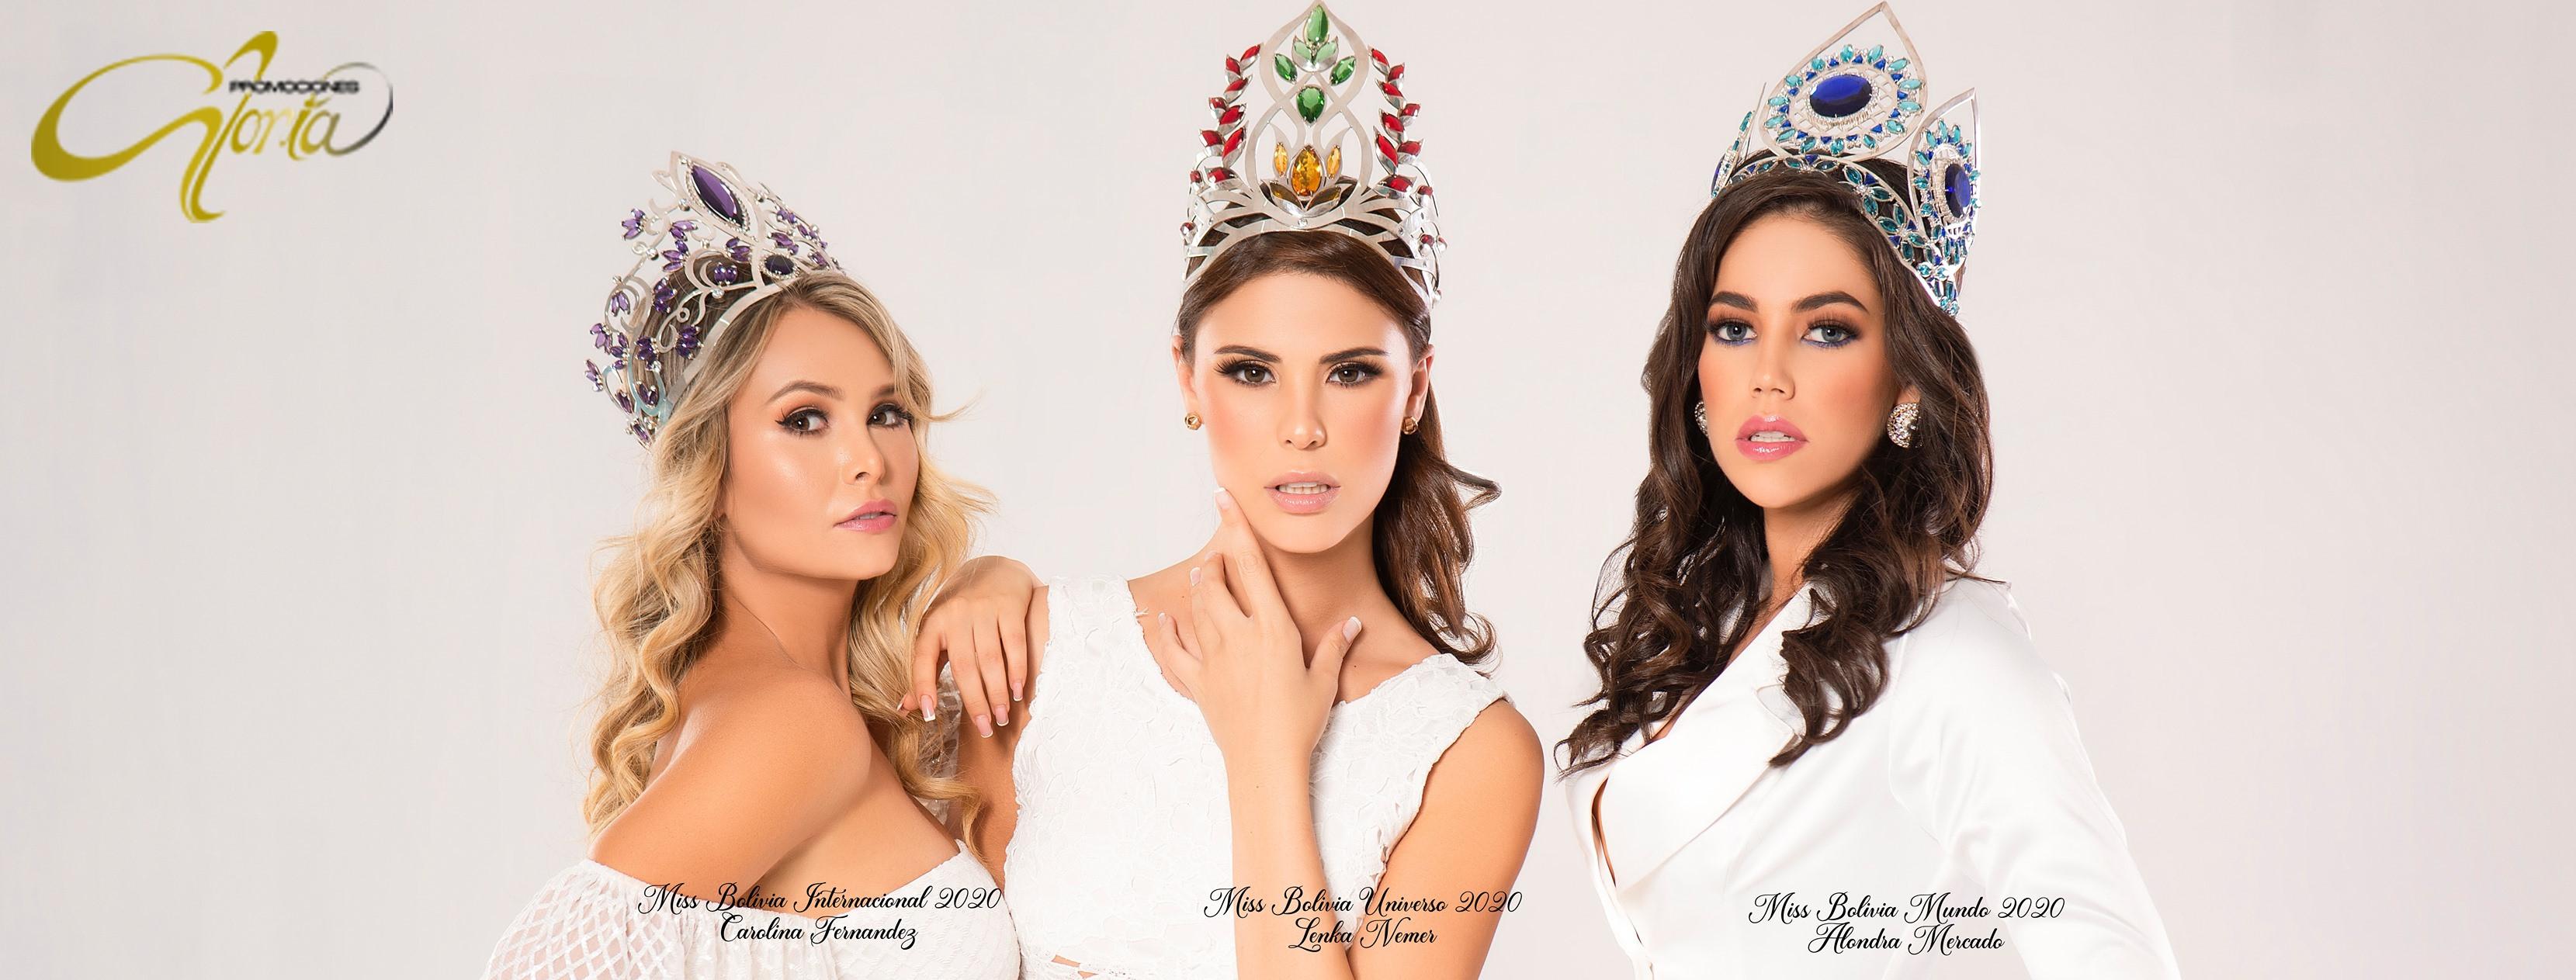 candidatas a miss bolivia 2021. final: 28 de agosto. - Página 2 RRD4Ox